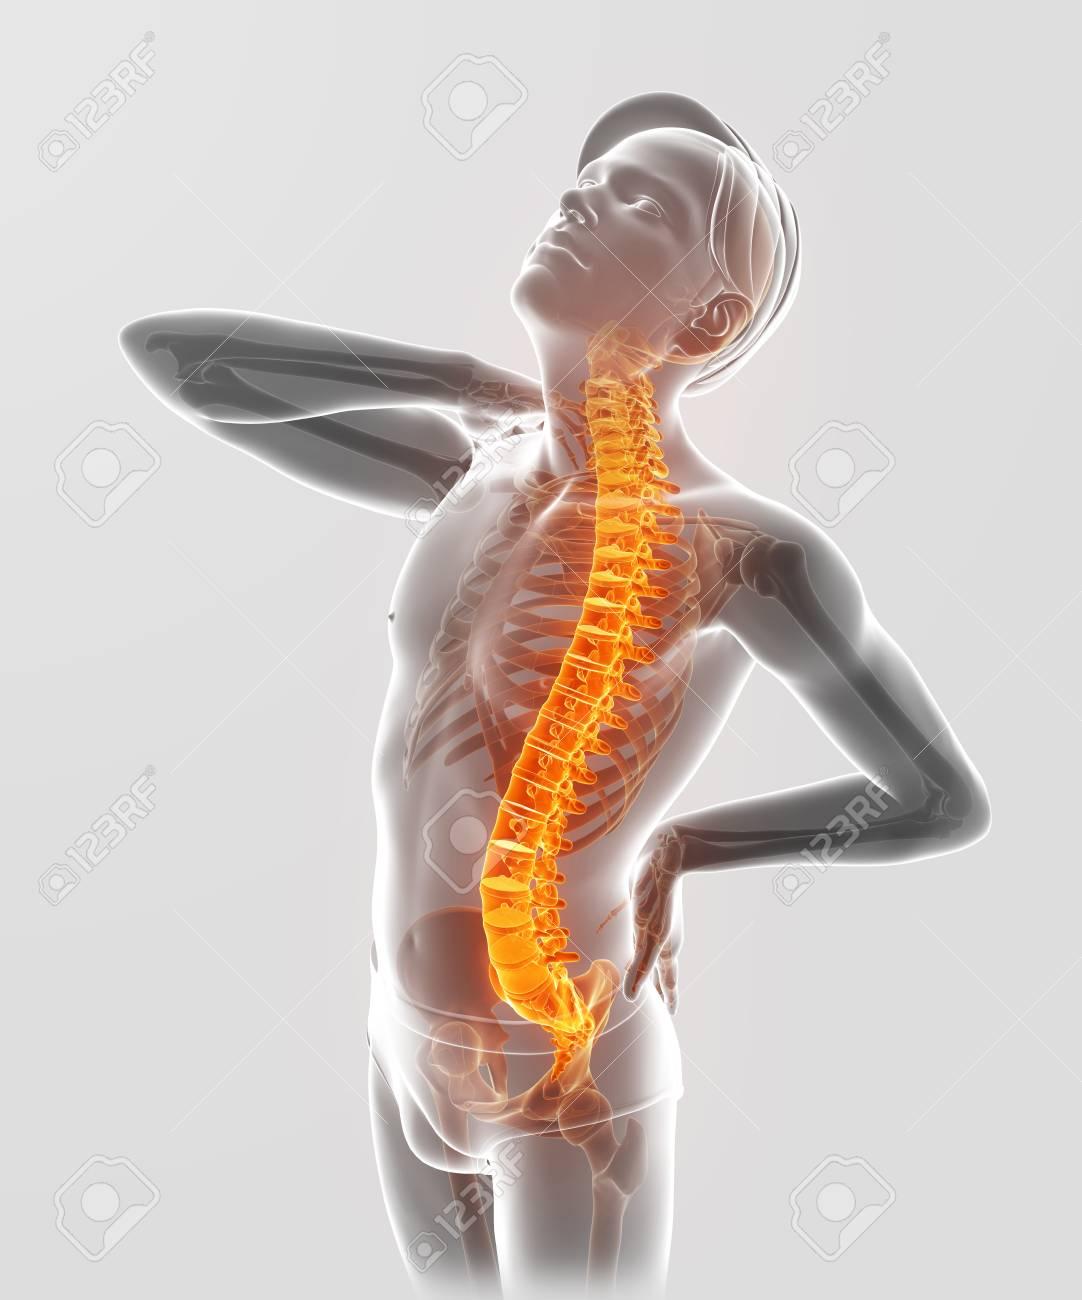 3D-Illustration Der Männlichen Die Rückenschmerzen Gefühl ...